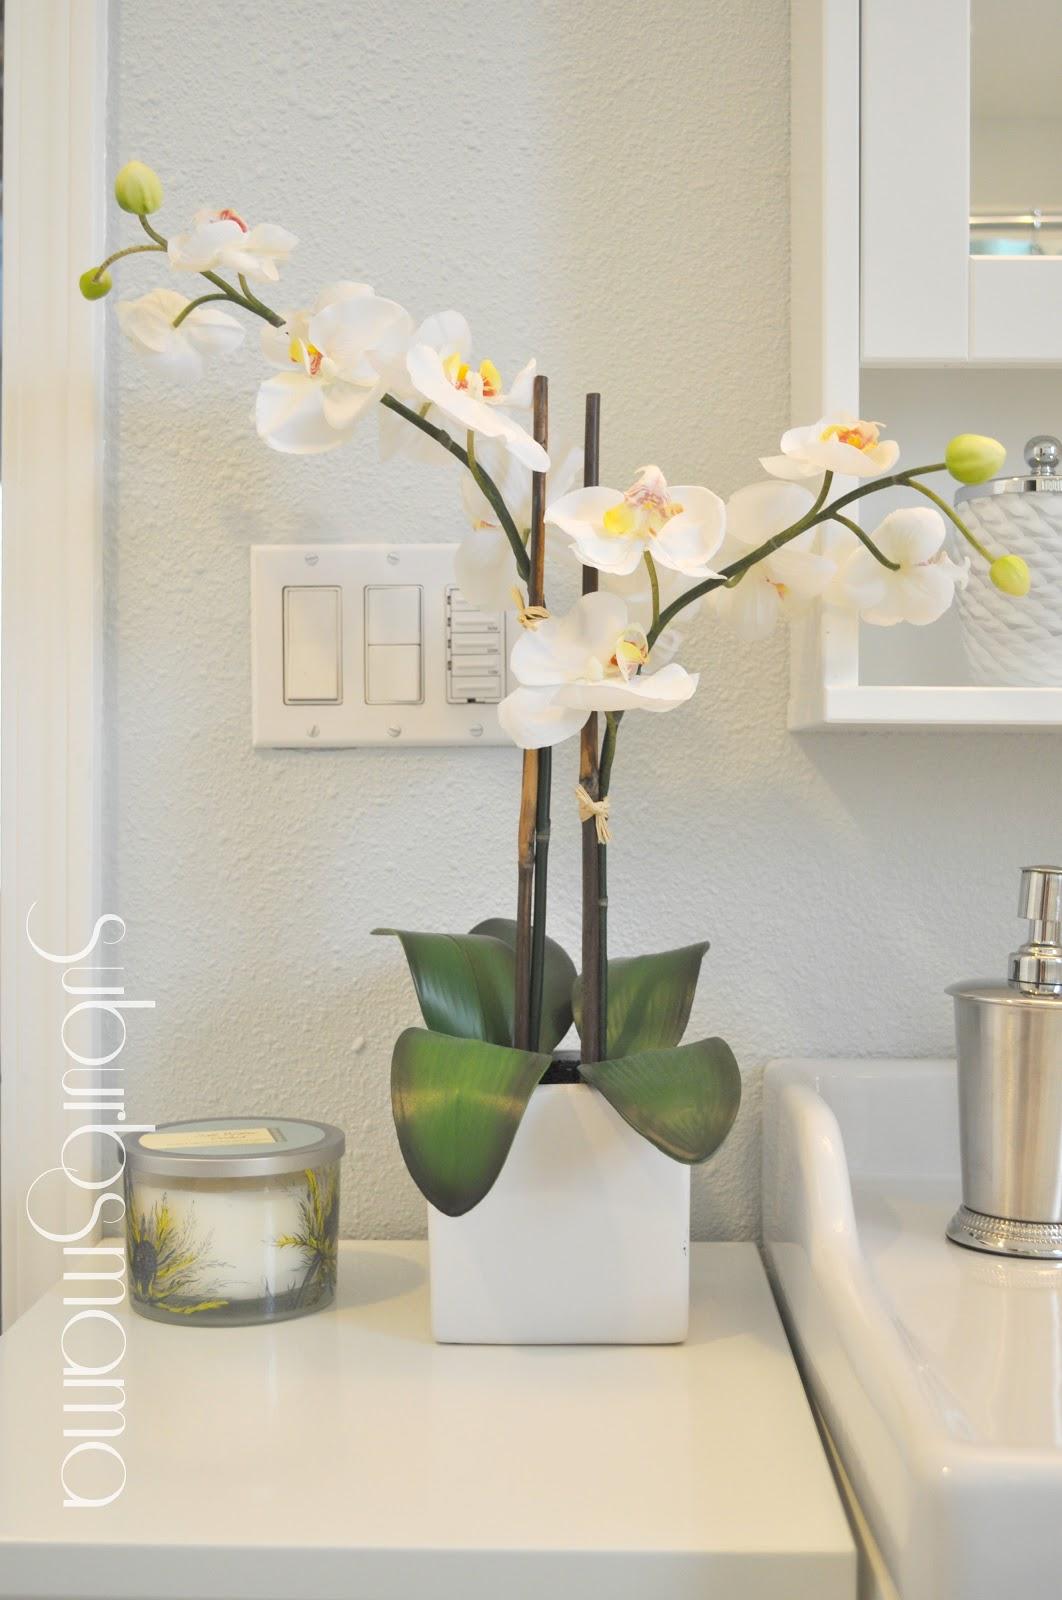 badezimmer-einrichten-dekoration